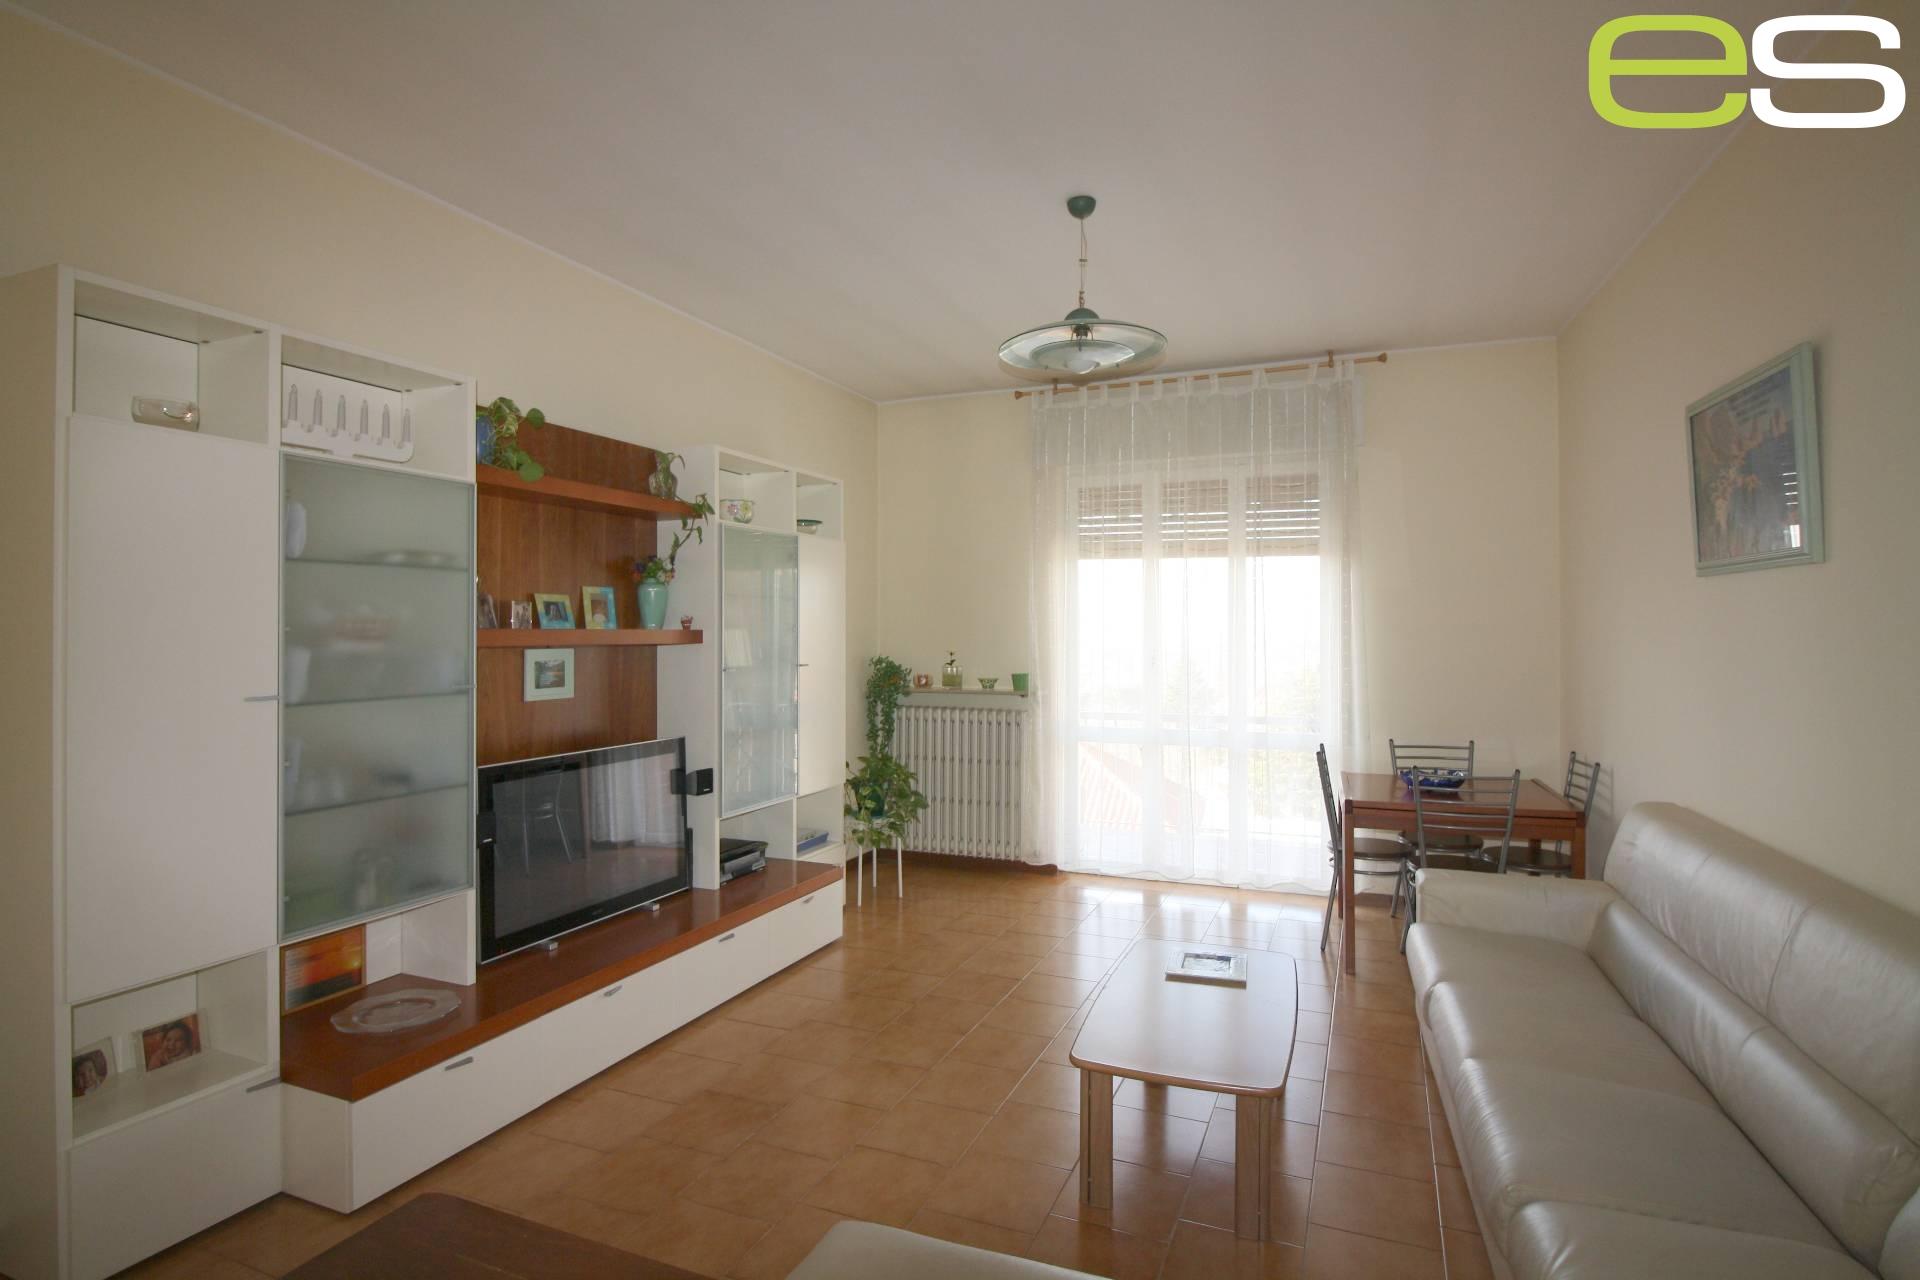 Appartamento in vendita a Cassago Brianza, 1 locali, prezzo € 125.000 | Cambio Casa.it